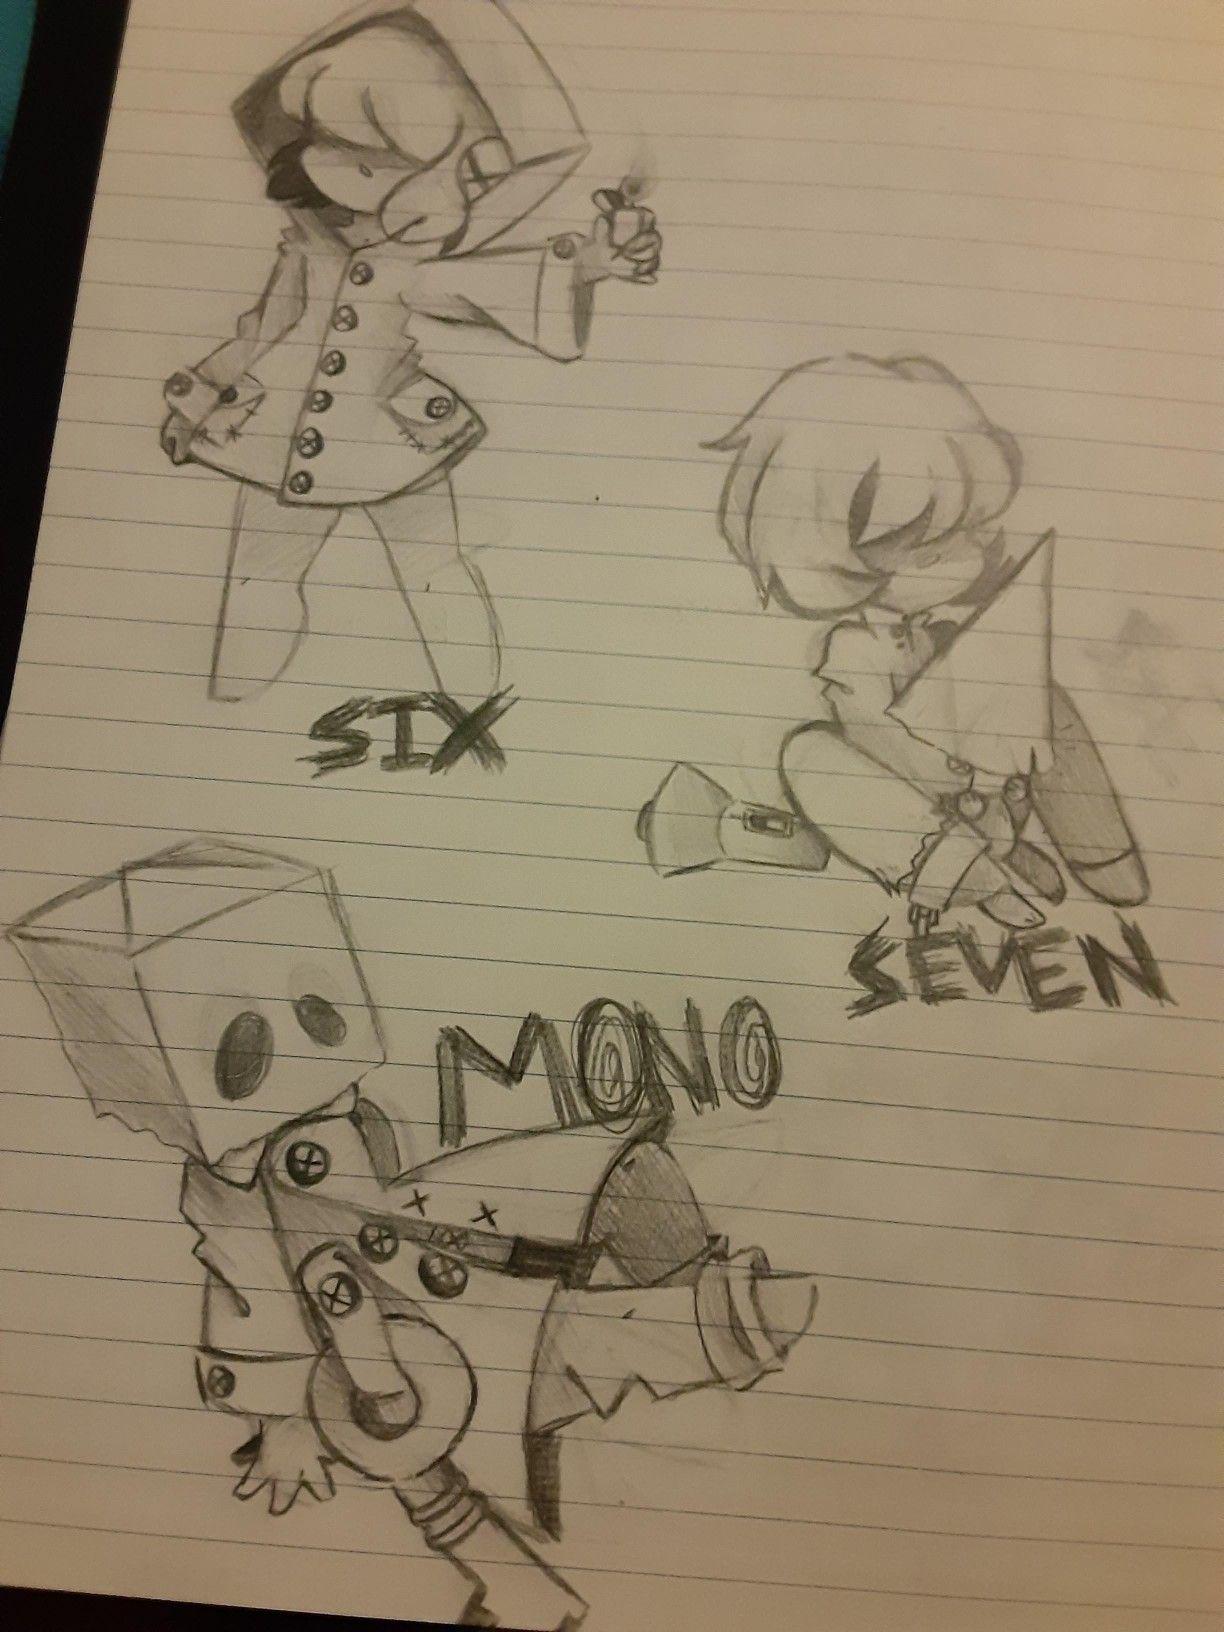 Six • Mono • Seven